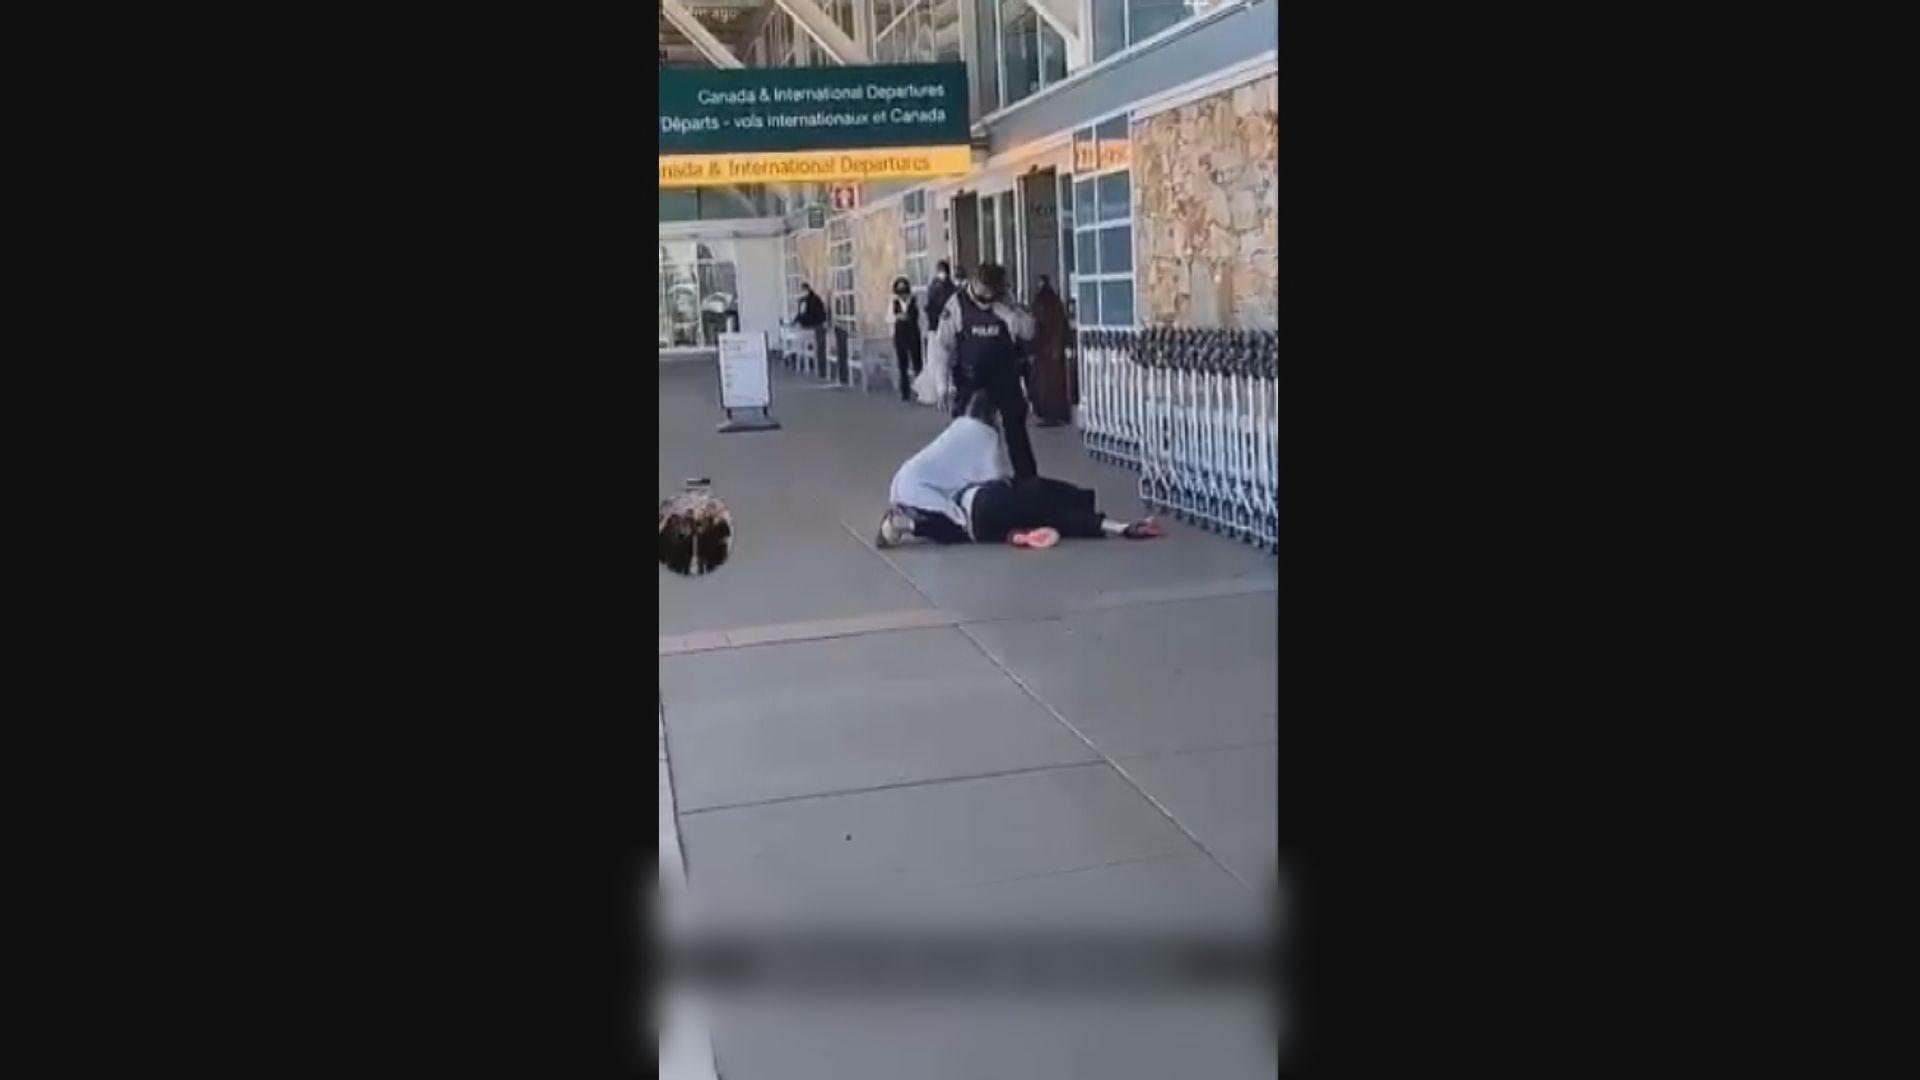 溫哥華國際機場槍擊案一死 據報或涉及幫派衝突